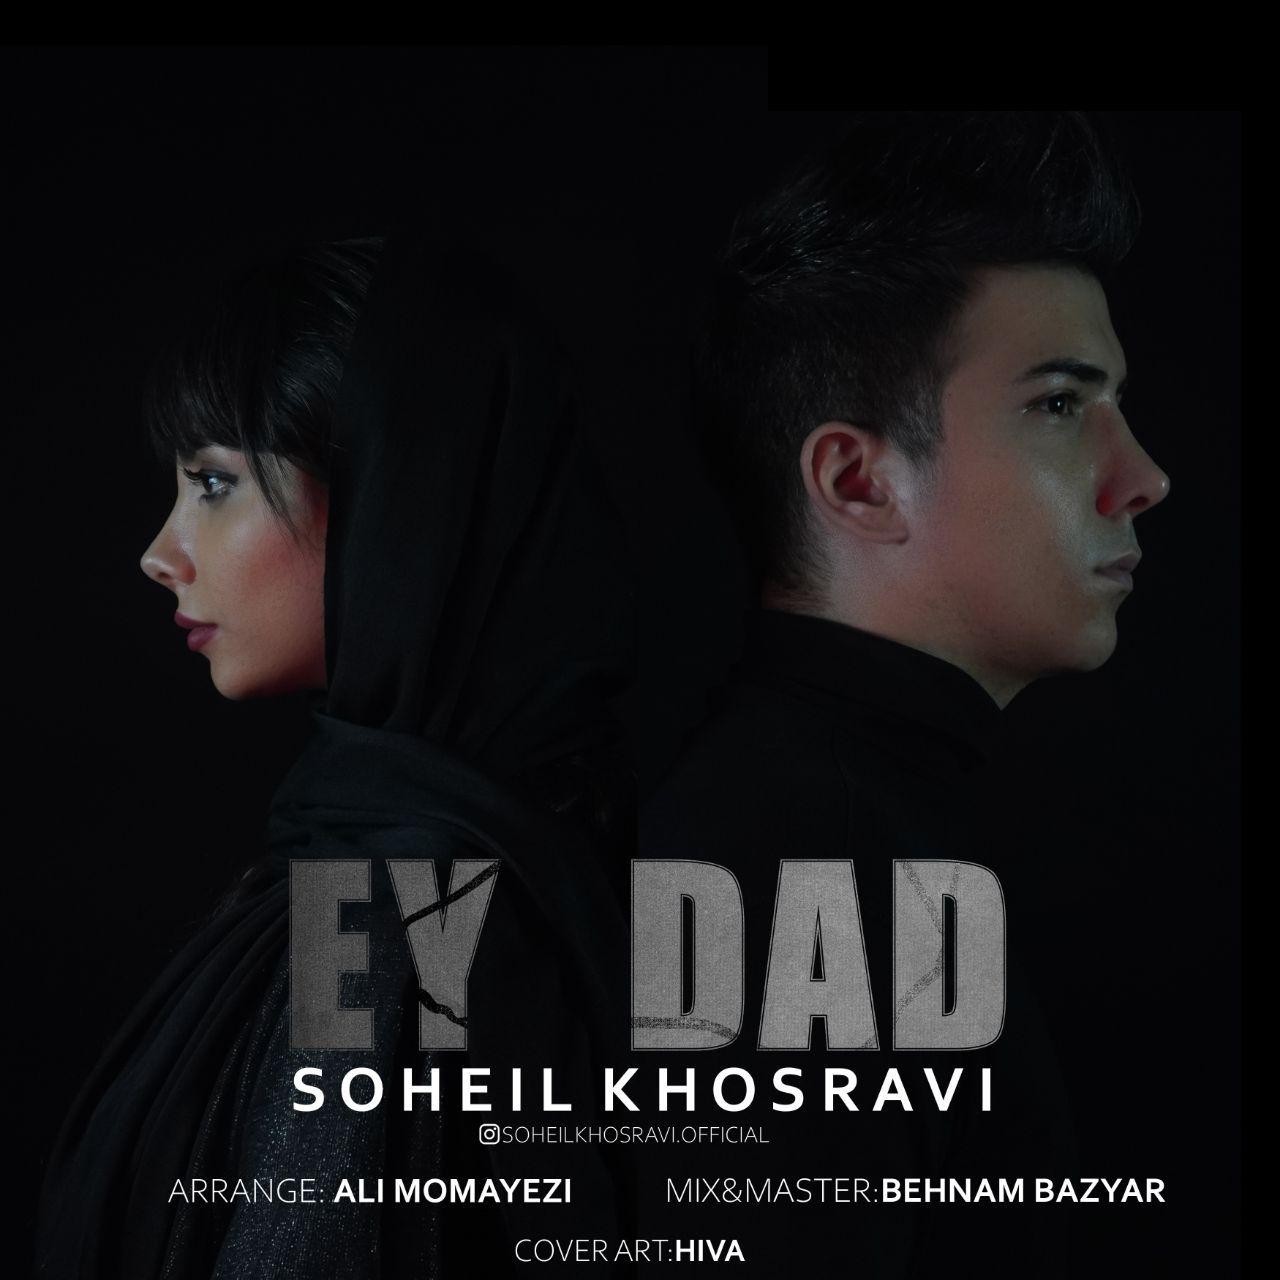 Soheil Khosravi – Ey Dad